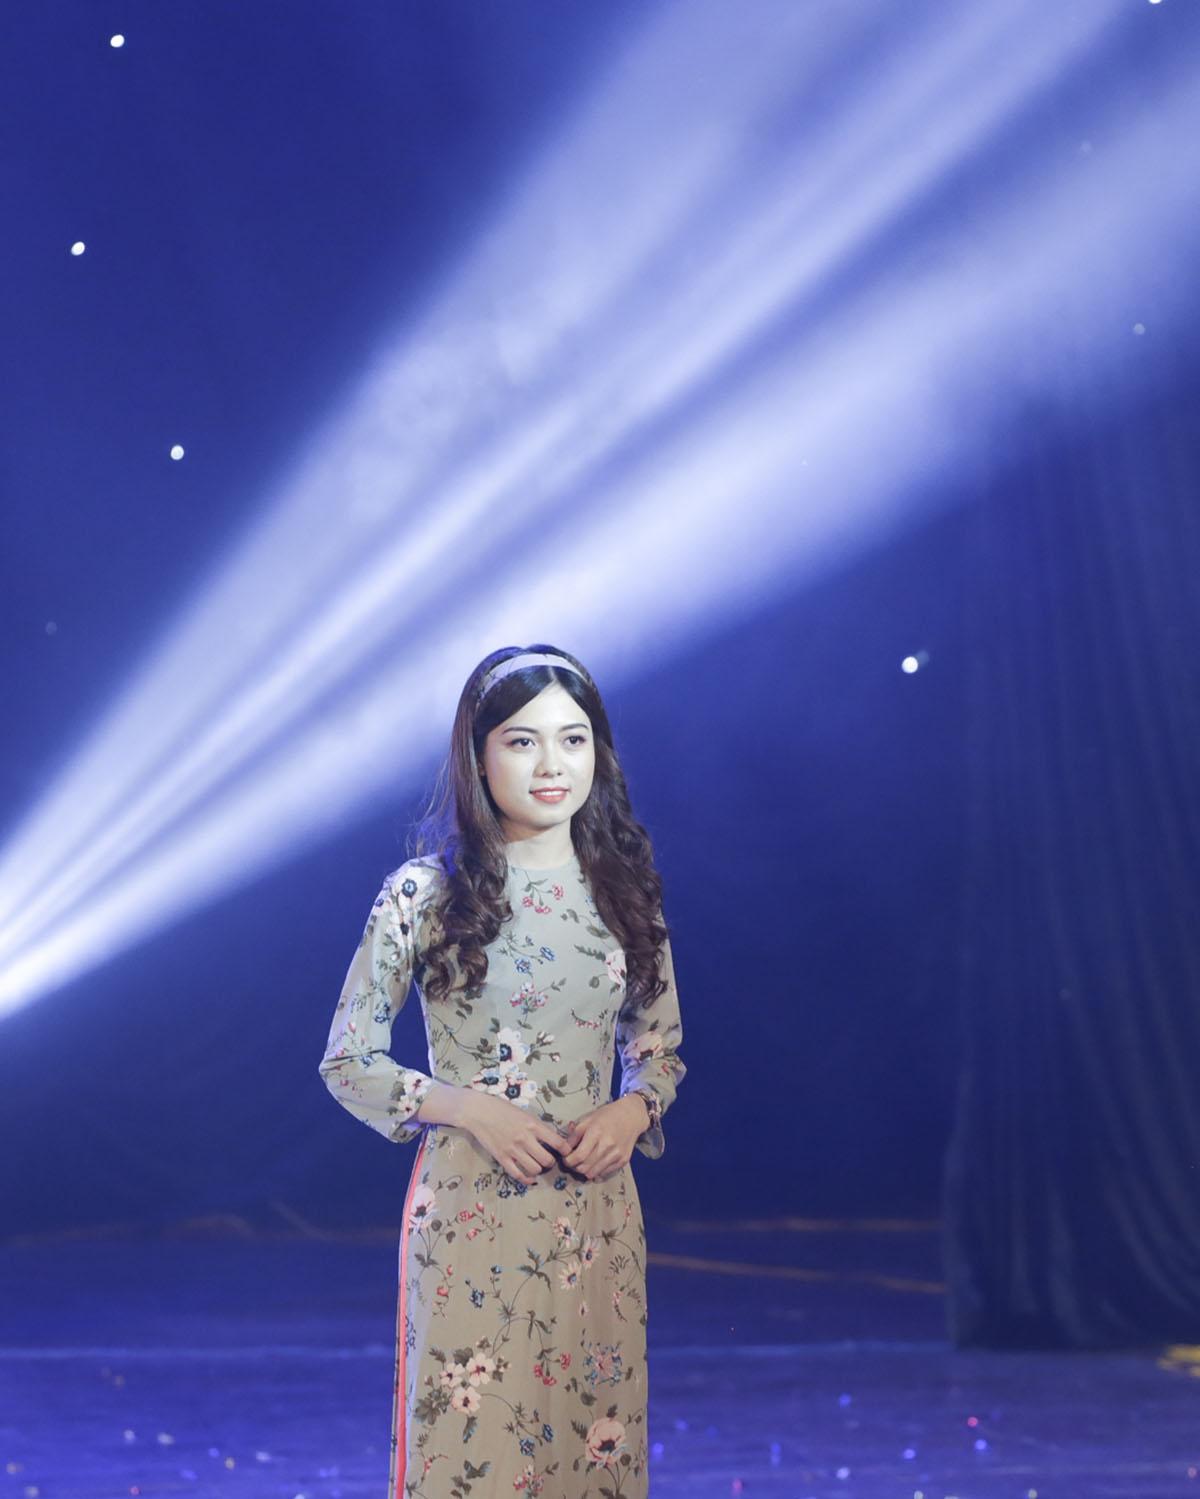 Những họa tiết hoa xinh xắn, tinh tế được các cô gái trình diễn trên sân khấu với mong muốntruyền cảm hứng để áo dài đến gần với mọi người hơn.